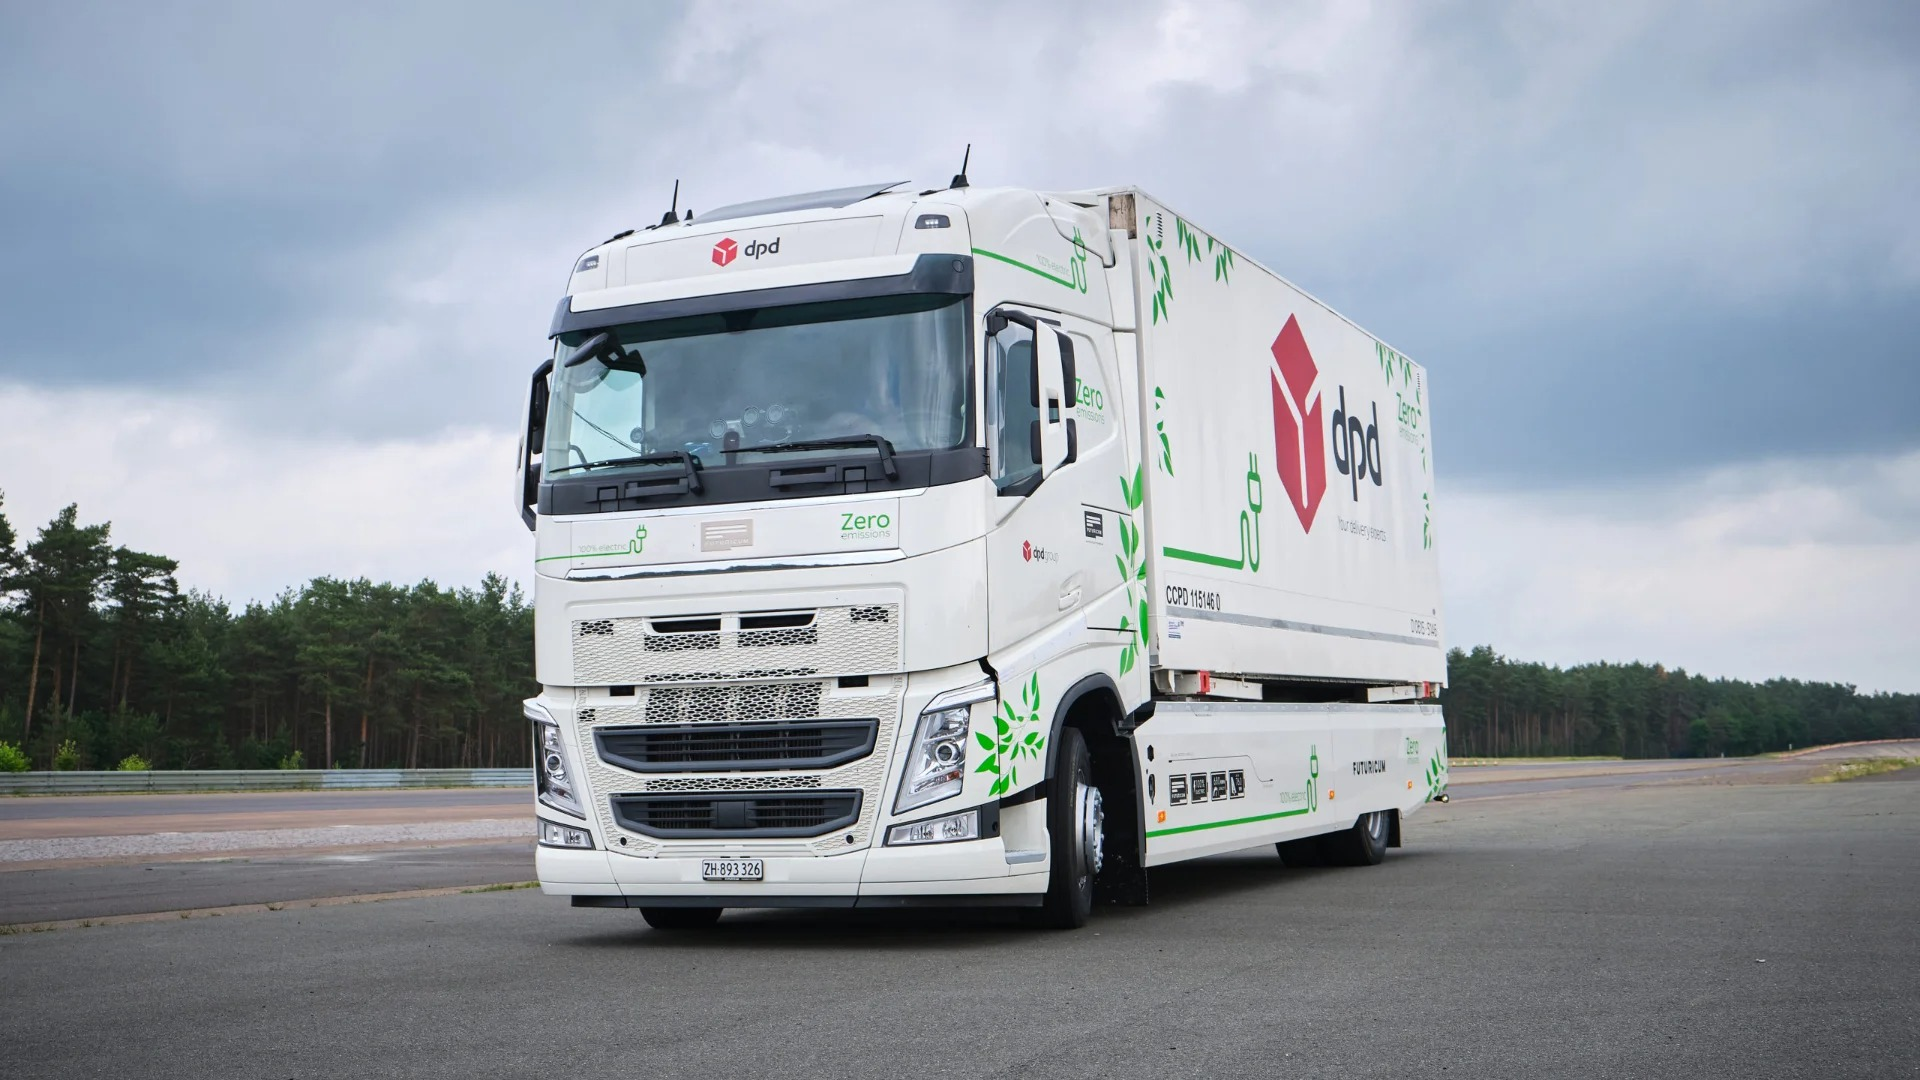 Intrat în Cartea Recordurilor: Un camion electric a parcurs 1.100 km la o încărcare a bateriilor